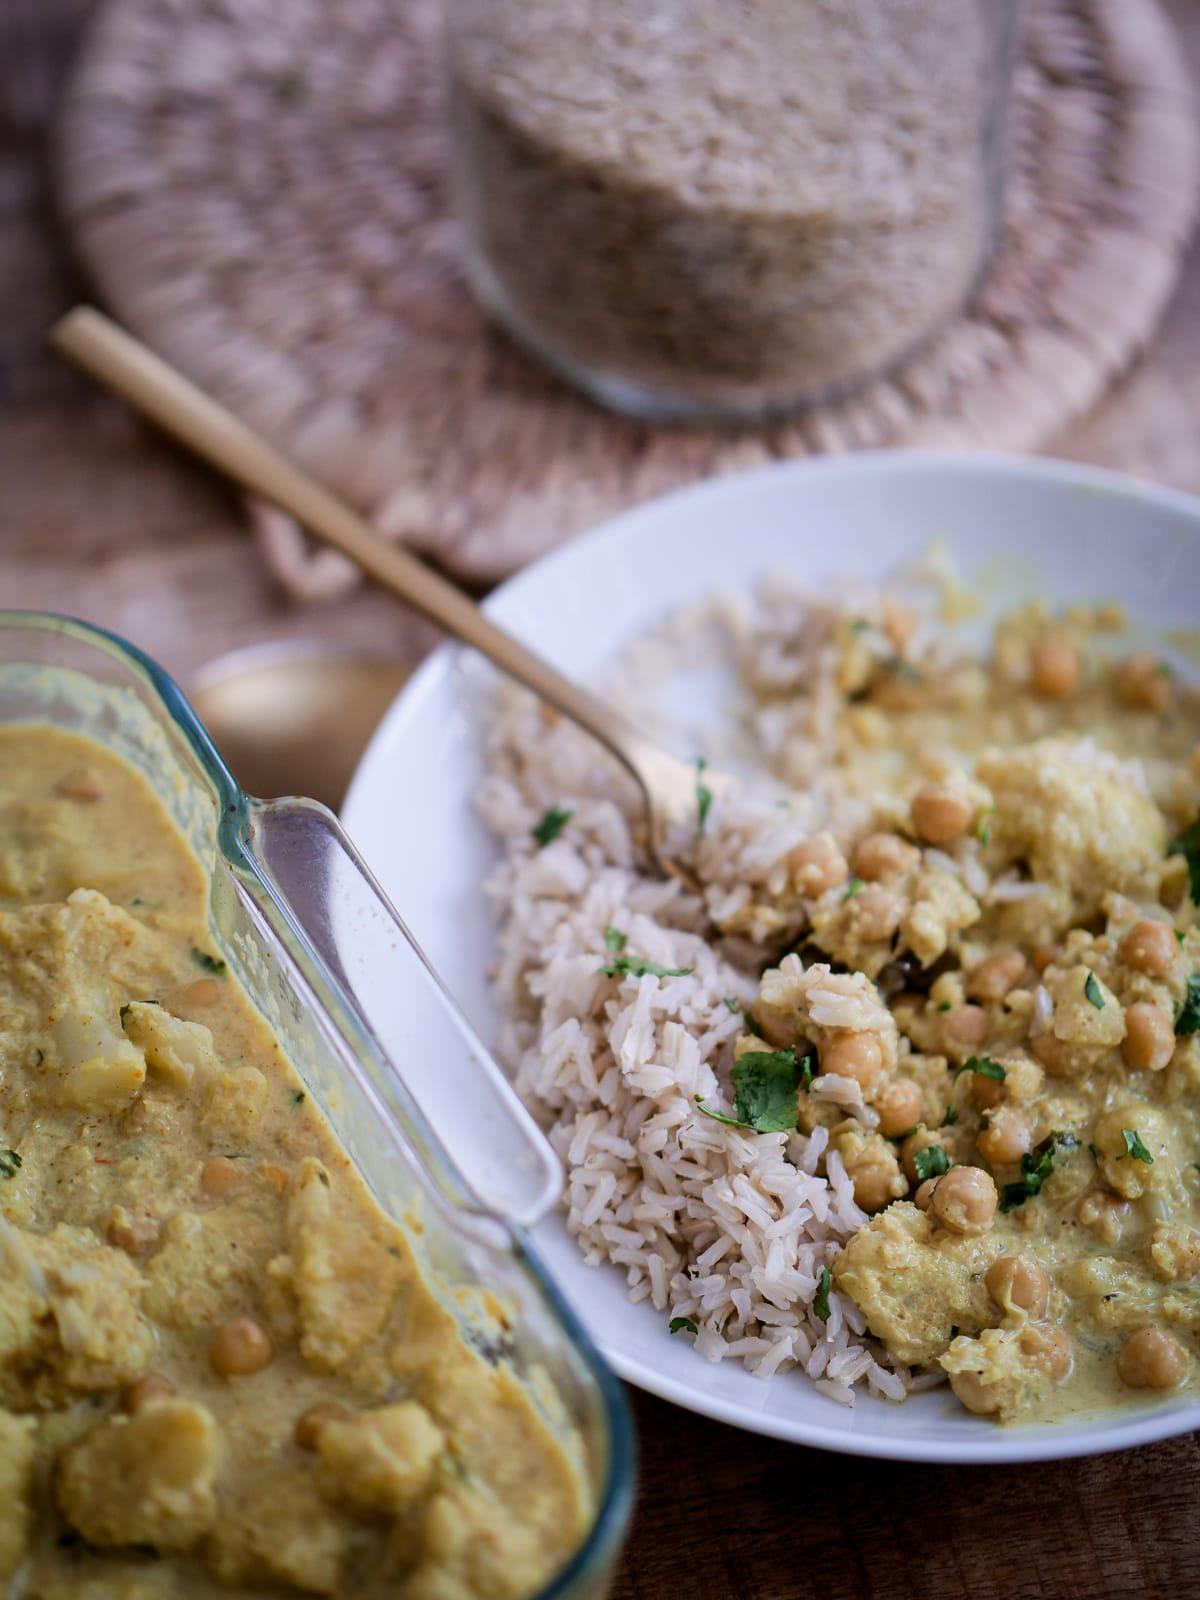 Recette de Curry de choux fleur et pois chiches avec le robot Cookit de Bosch